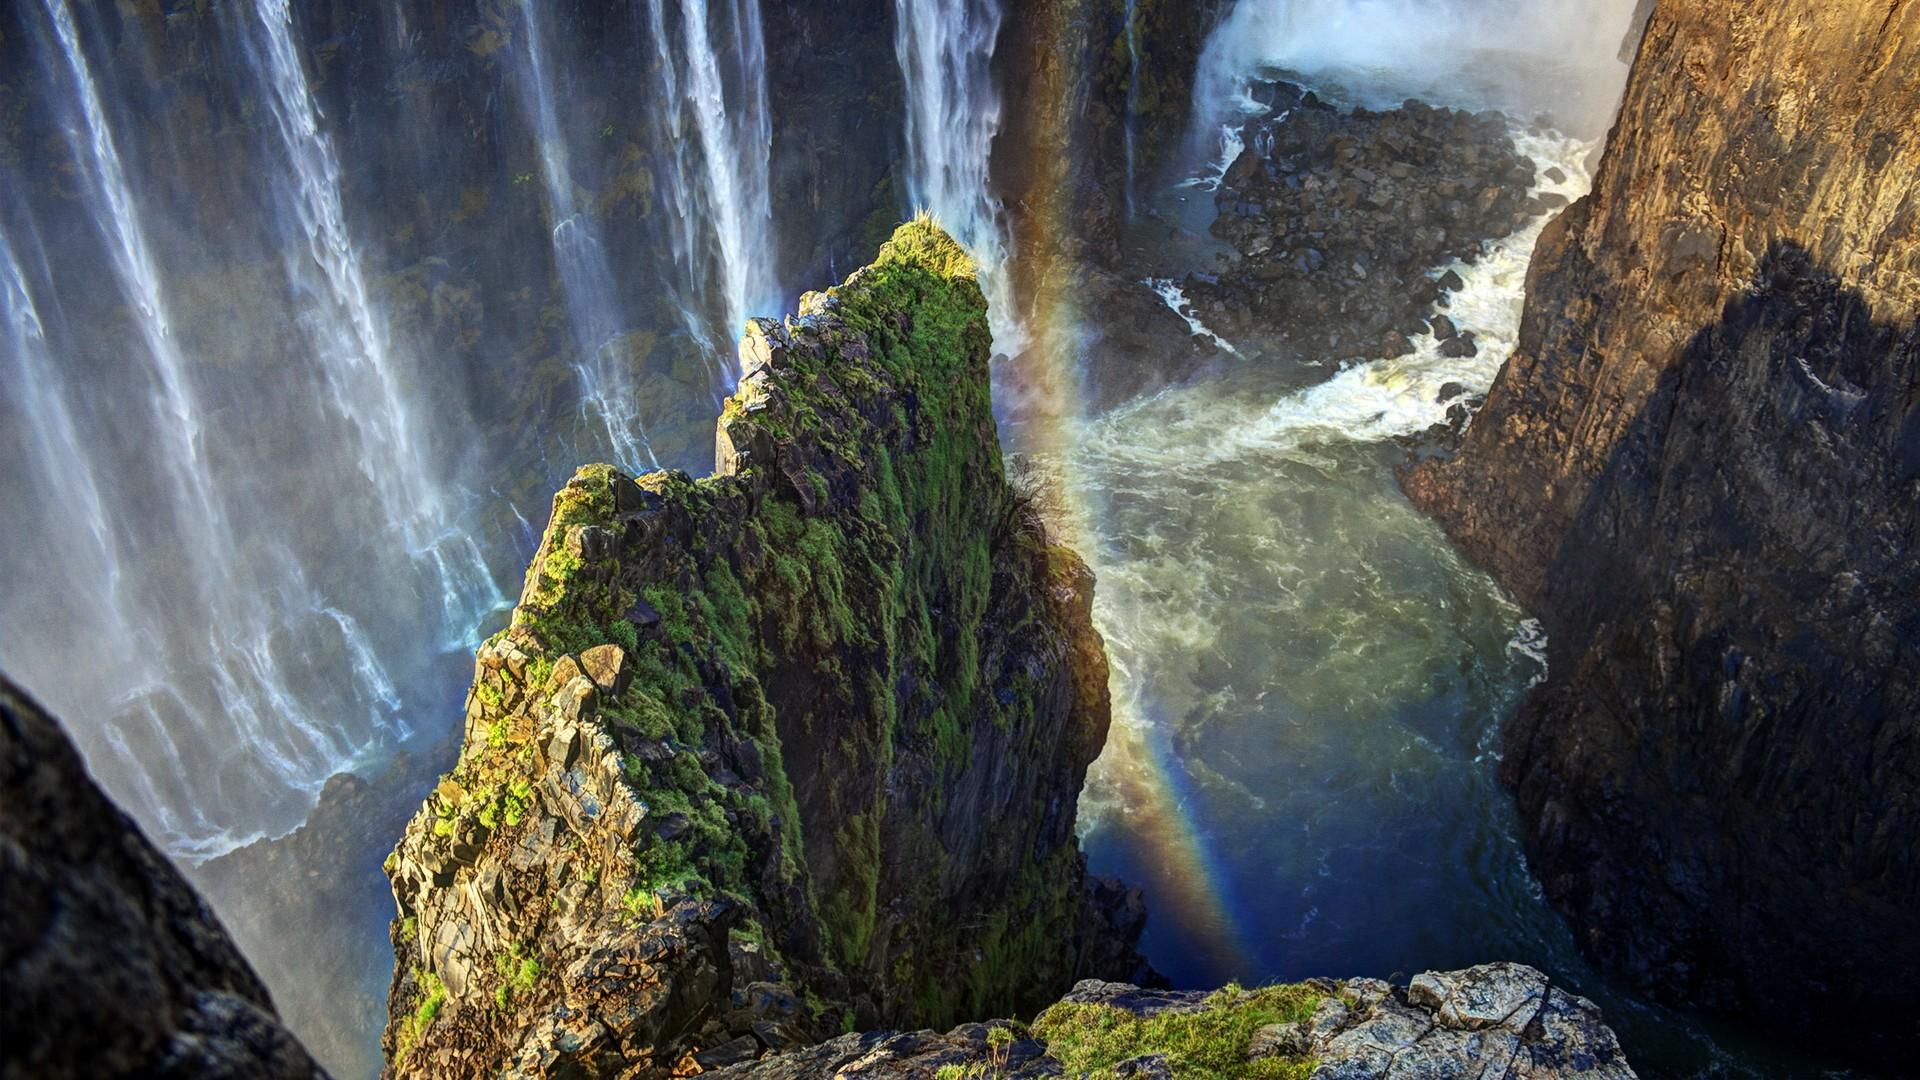 壮观的高清自然风景壁纸